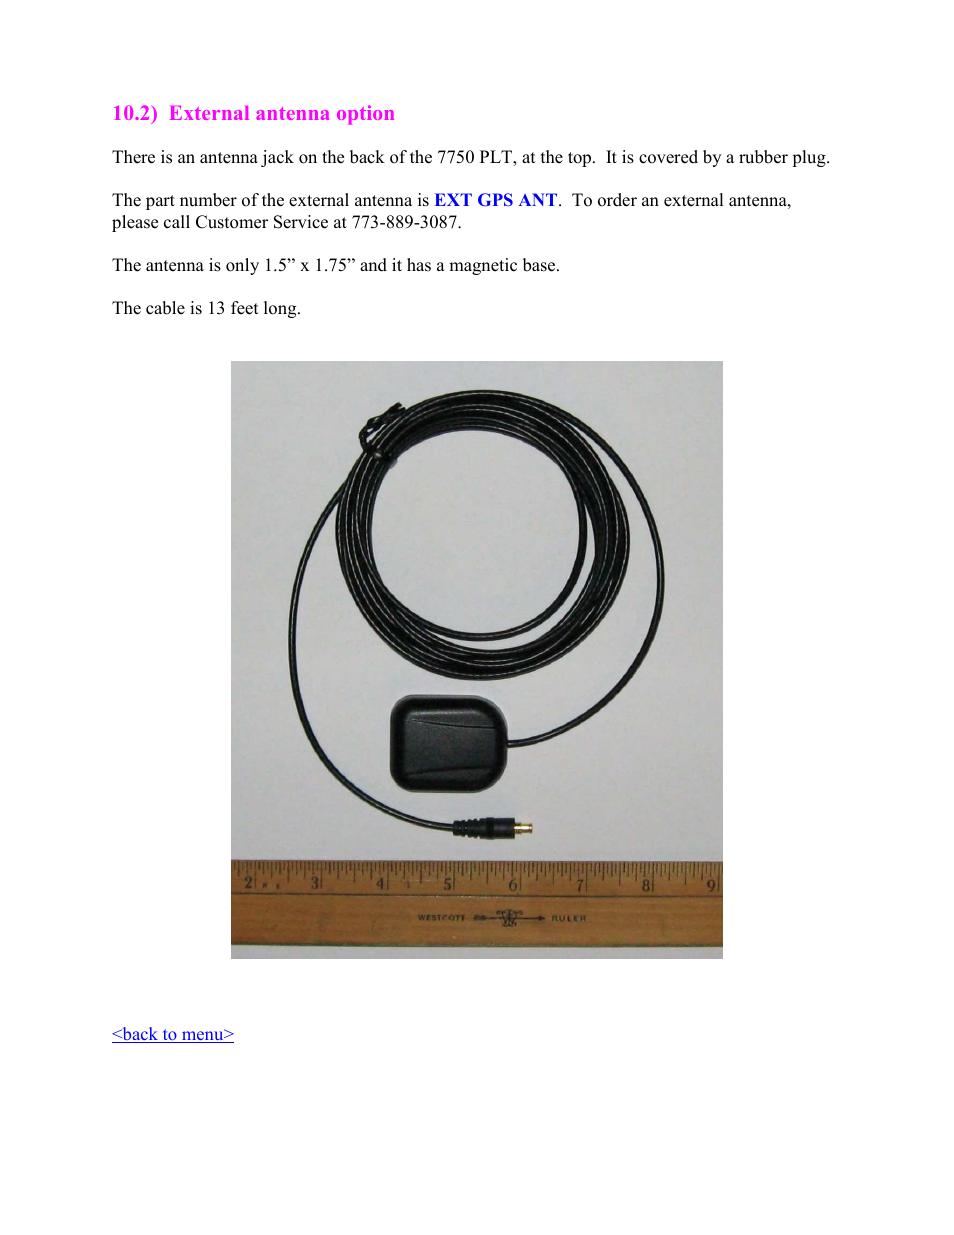 cobra 7750 plt manual user manual guide